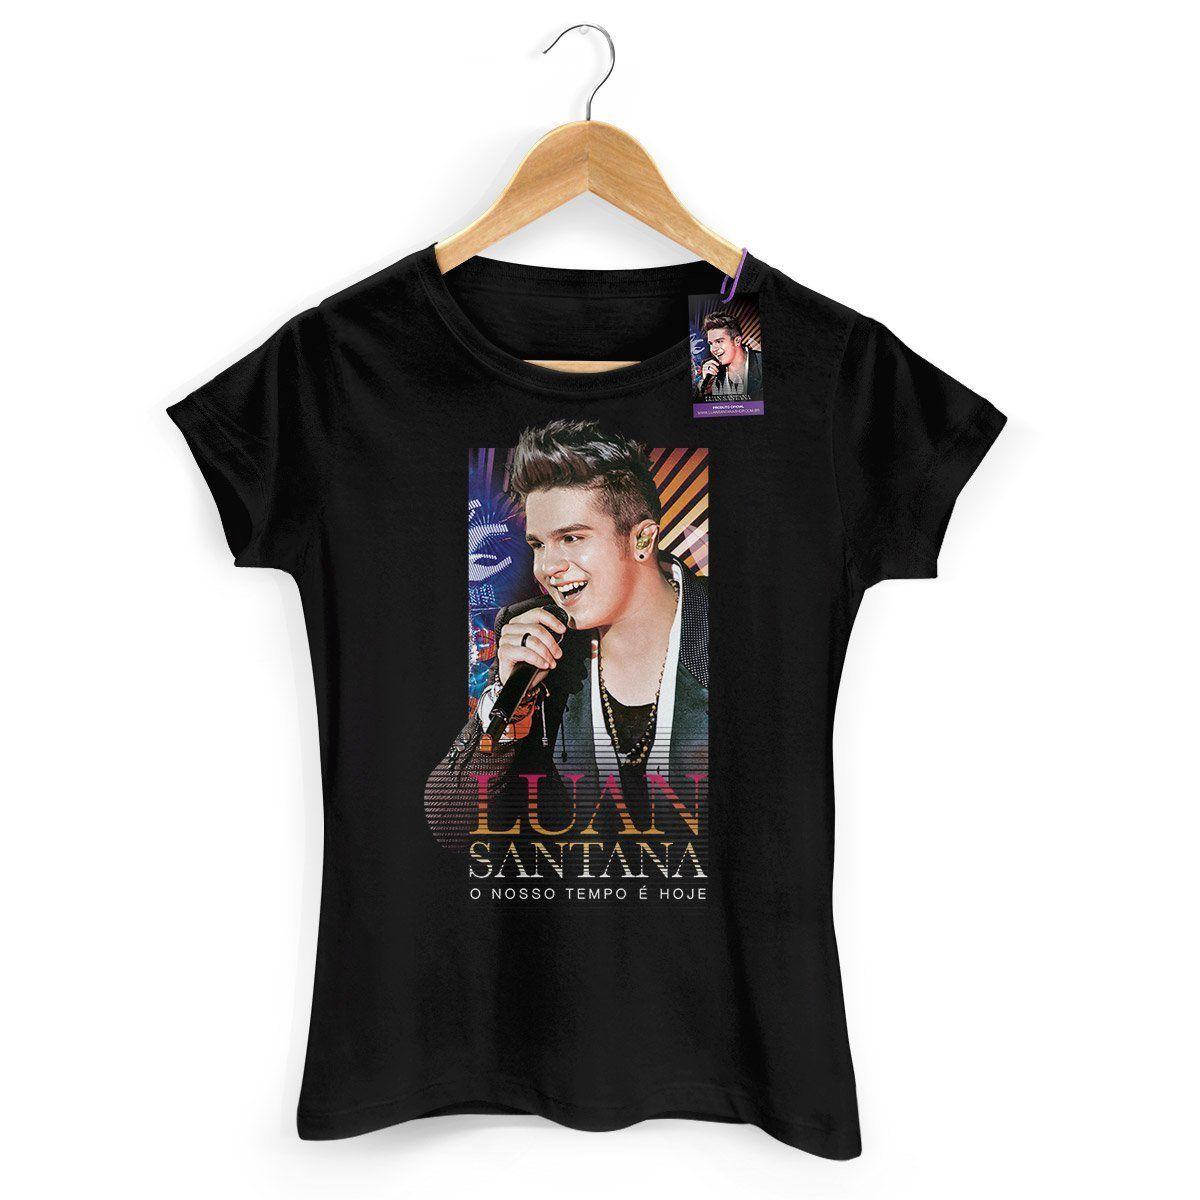 Camiseta Feminina Luan Santana O Nosso Tempo é Hoje Modelo 2  - bandUP Store Marketplace